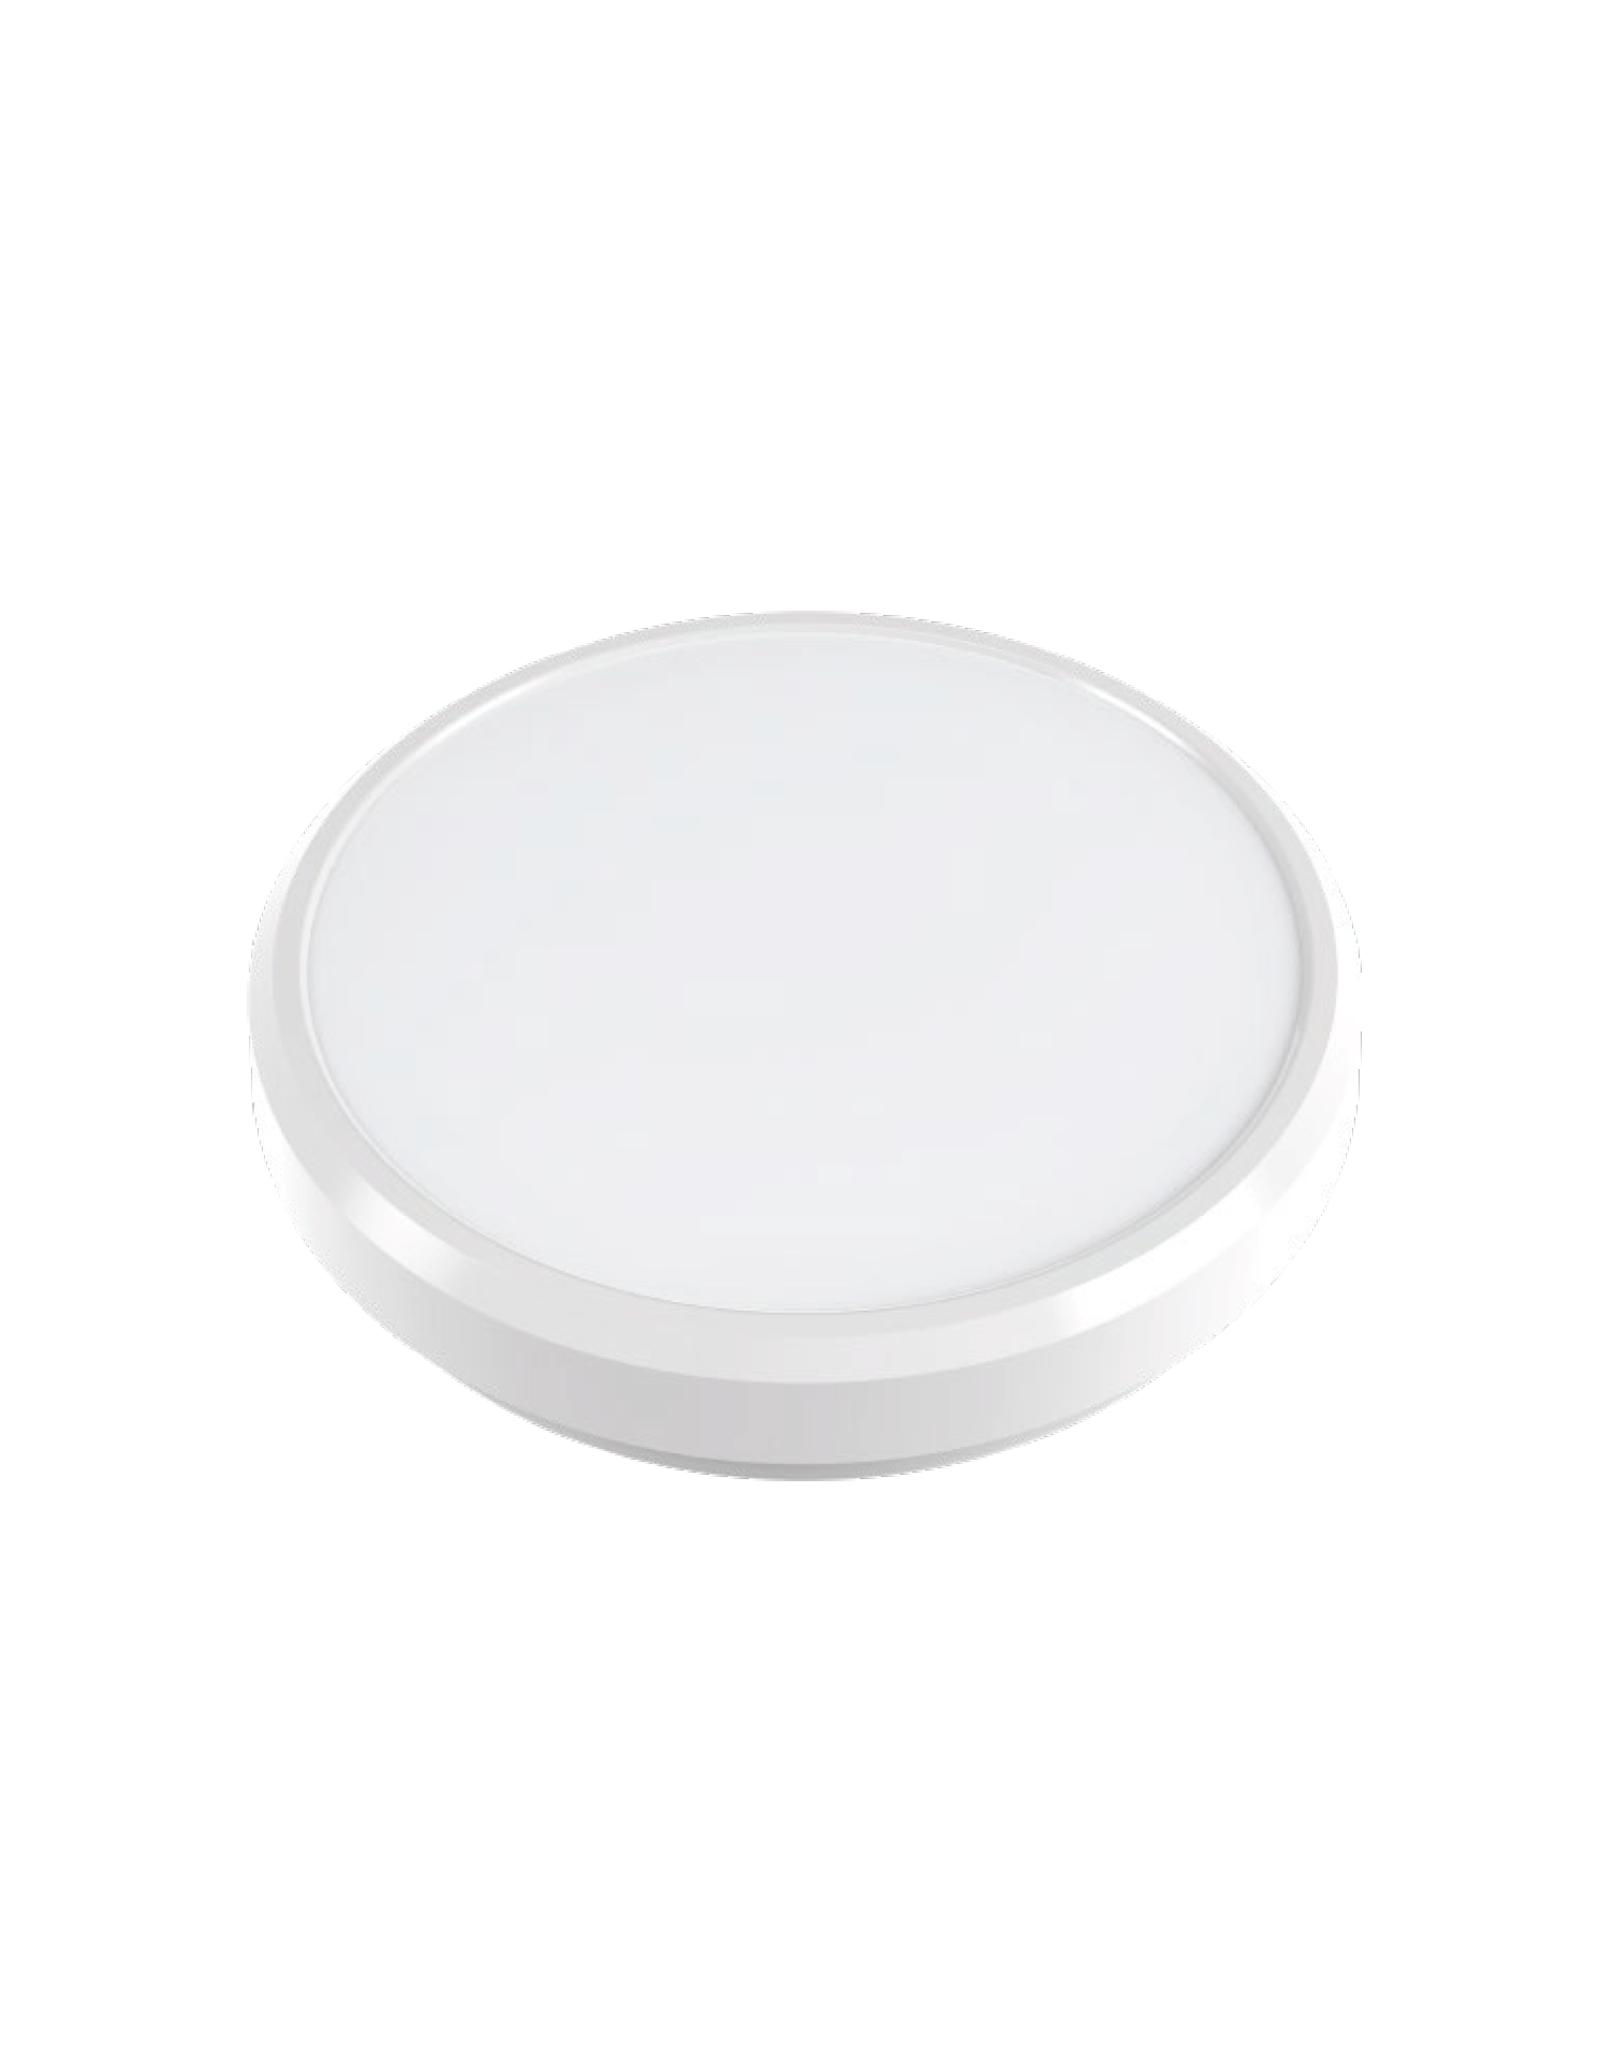 LED plafonniere LUNA 2.0 - 3000k/4000k/5000k - 14W/18W